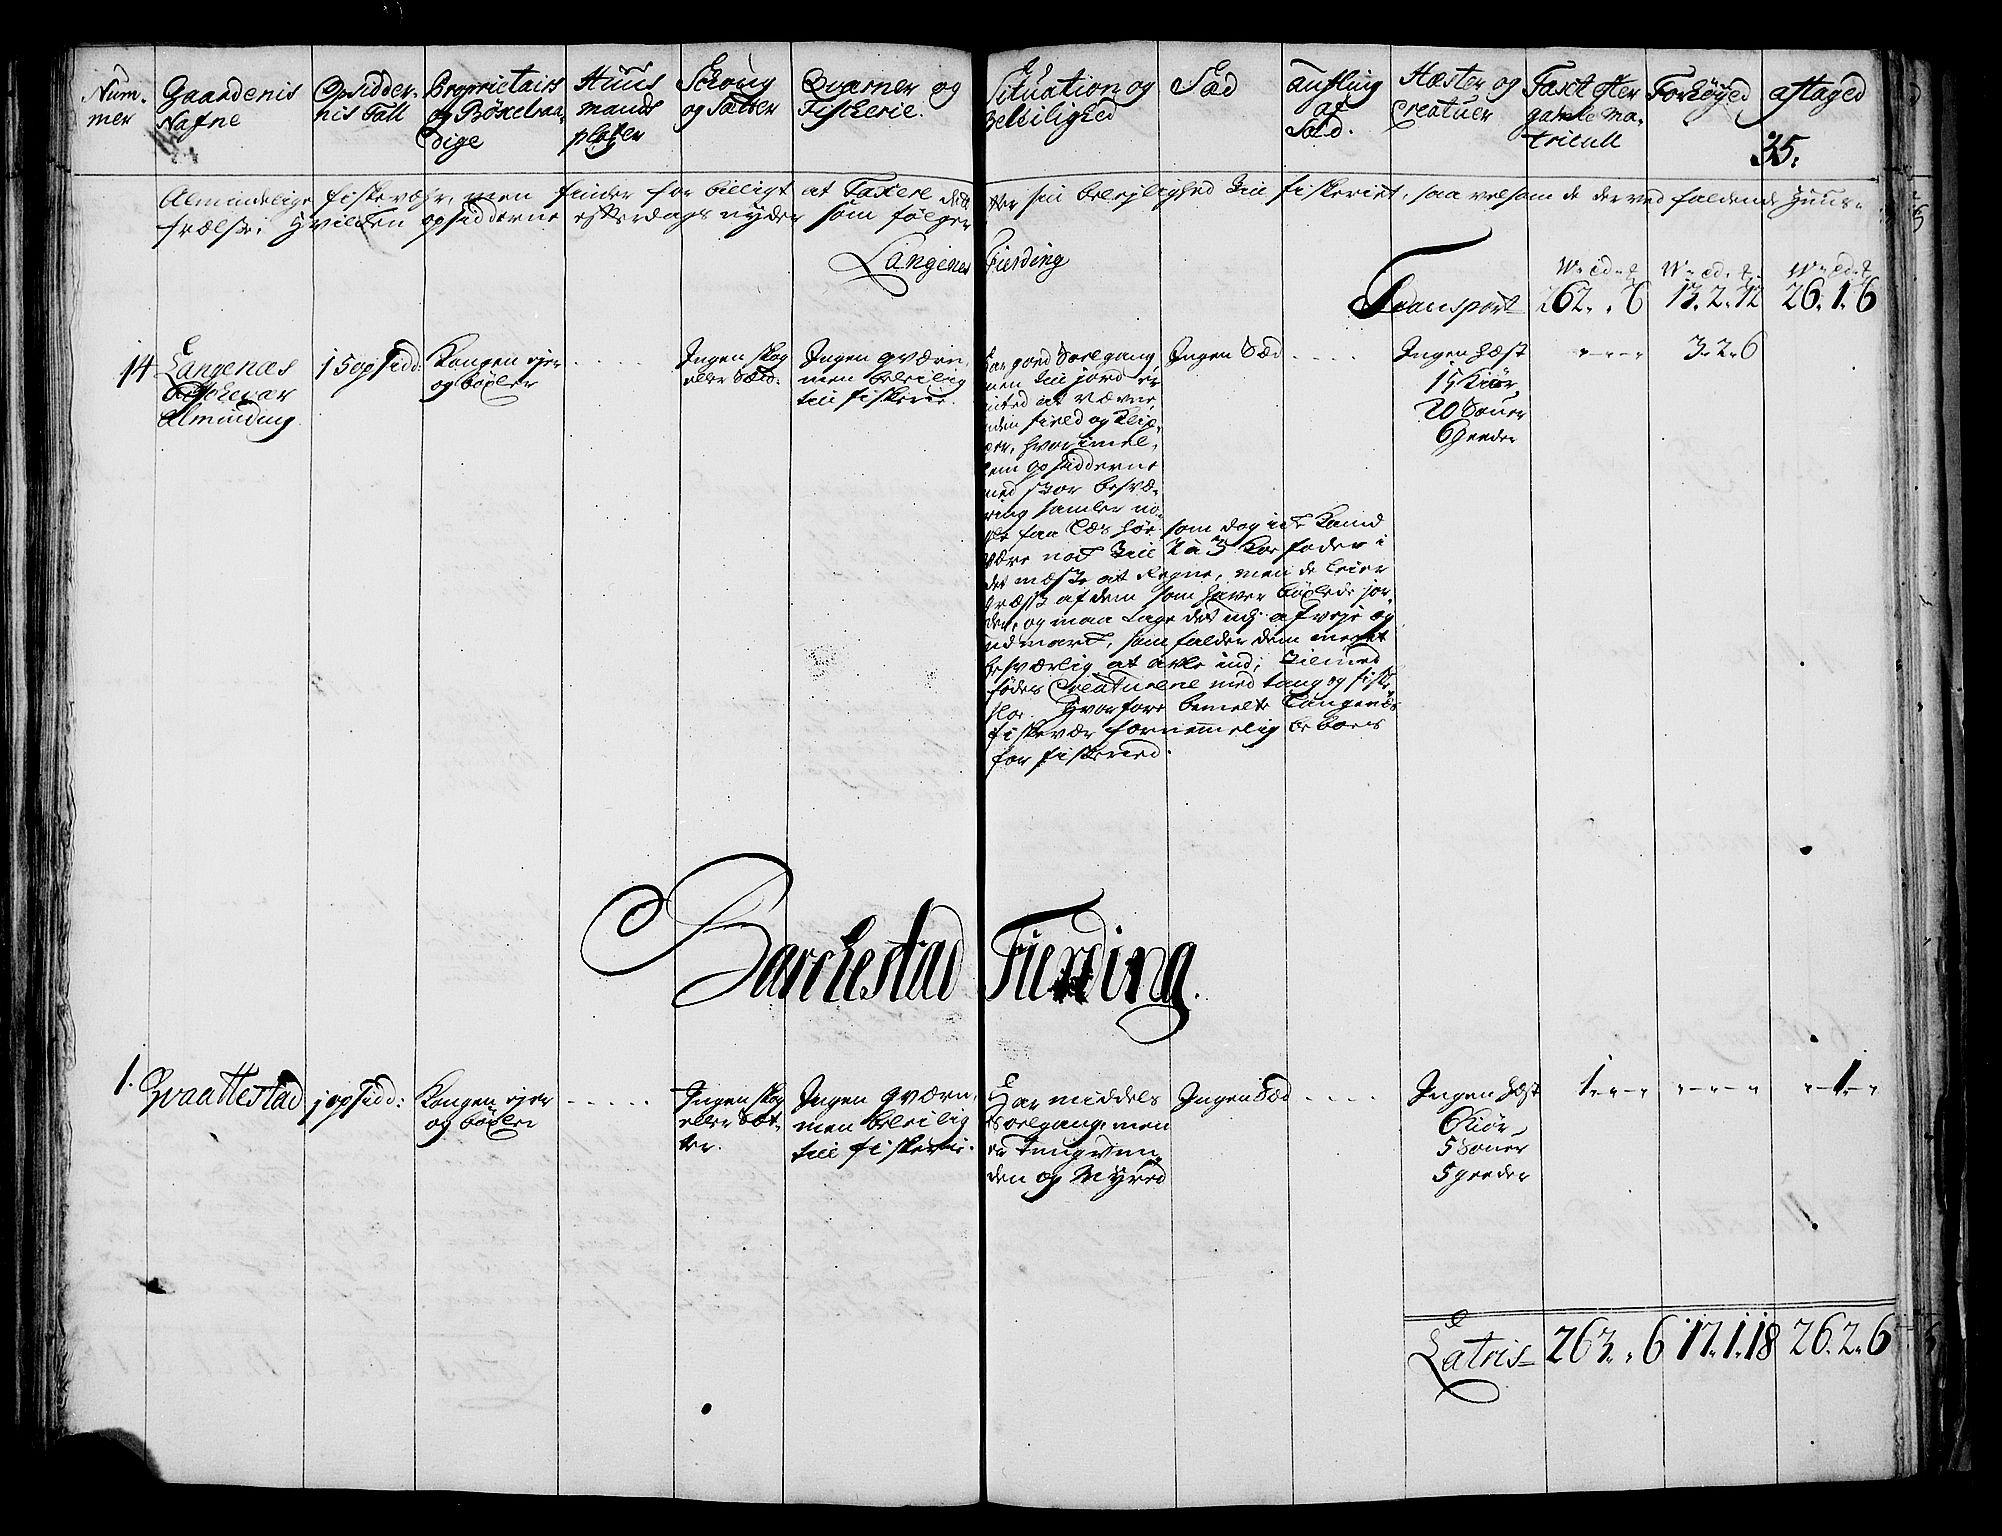 RA, Rentekammeret inntil 1814, Realistisk ordnet avdeling, N/Nb/Nbf/L0176: Vesterålen og Andenes eksaminasjonsprotokoll, 1723, s. 34b-35a